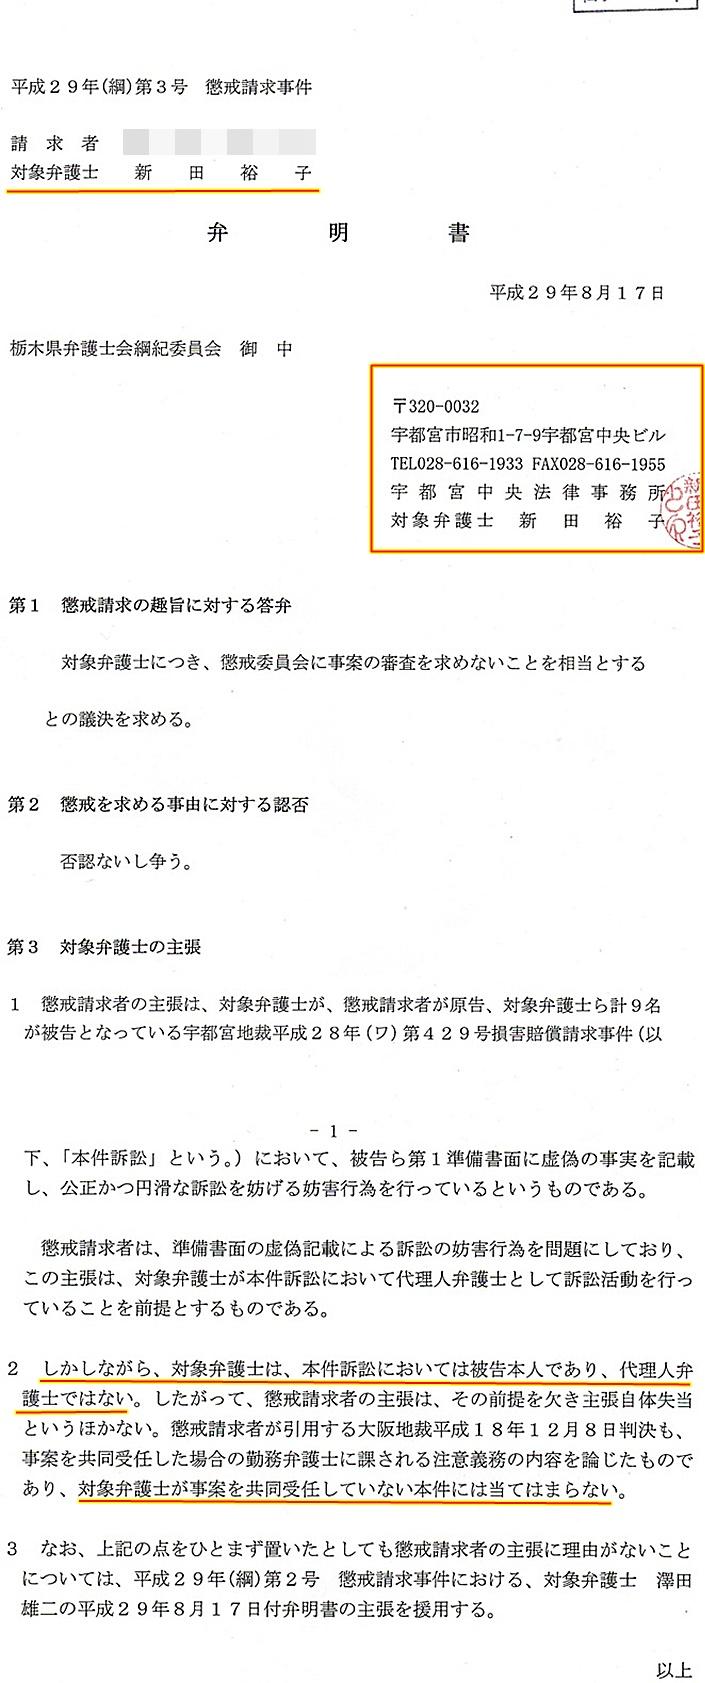 綱紀委員会弁明書 新田裕子